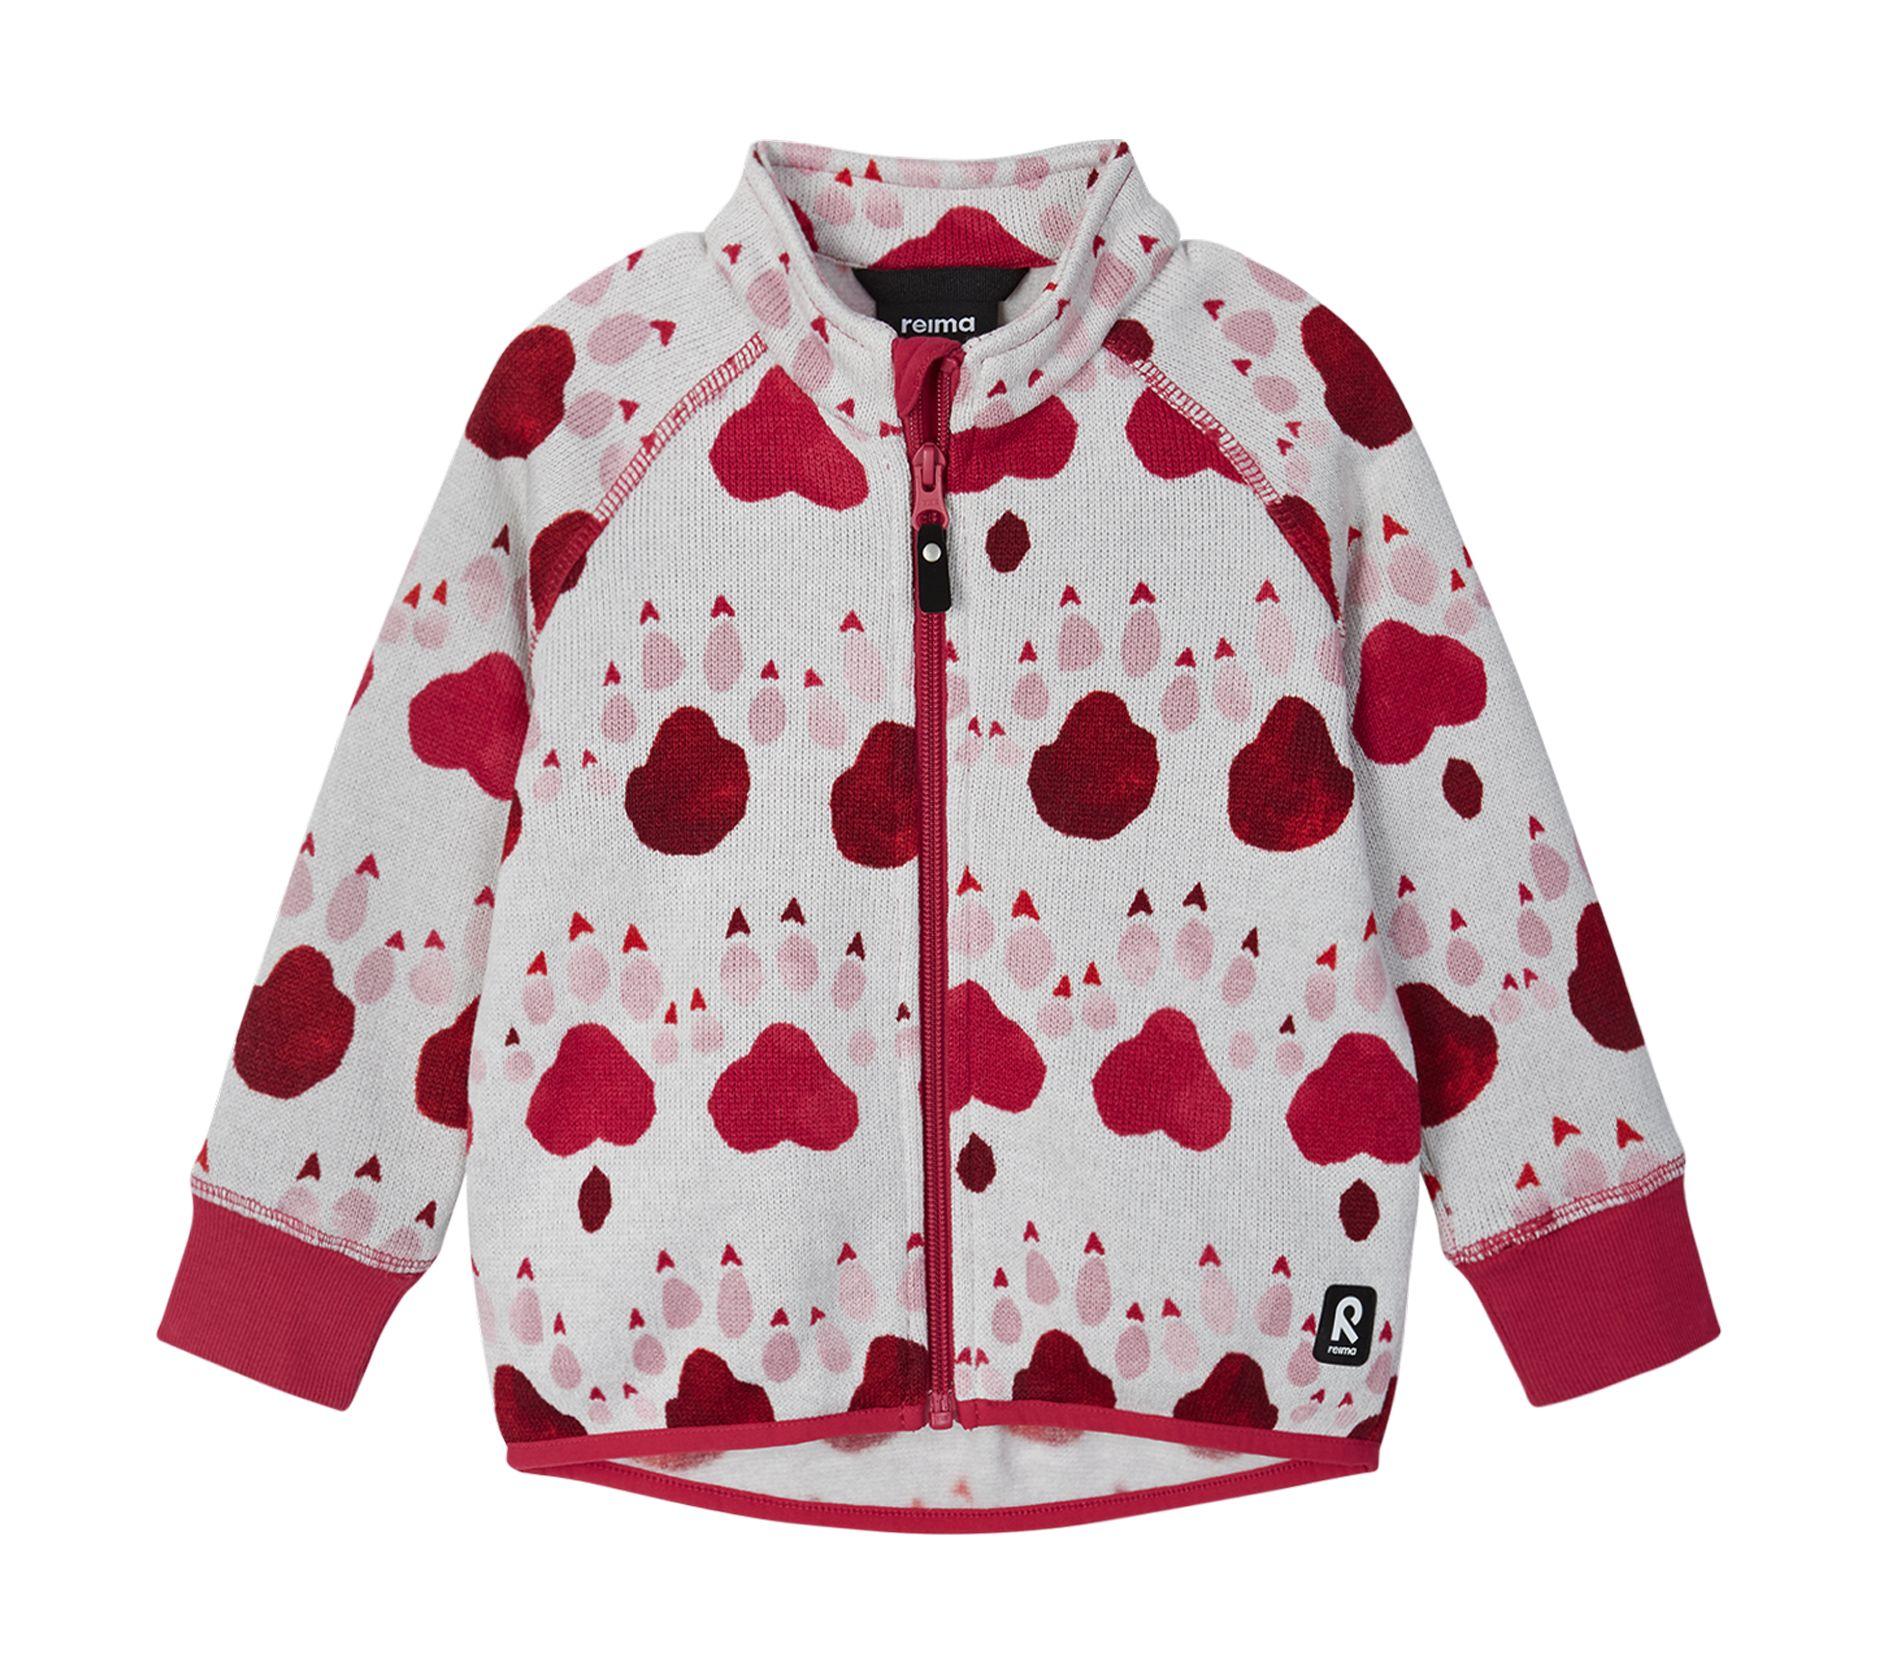 REIMA Ornament 516602 Cranberry Pink 86